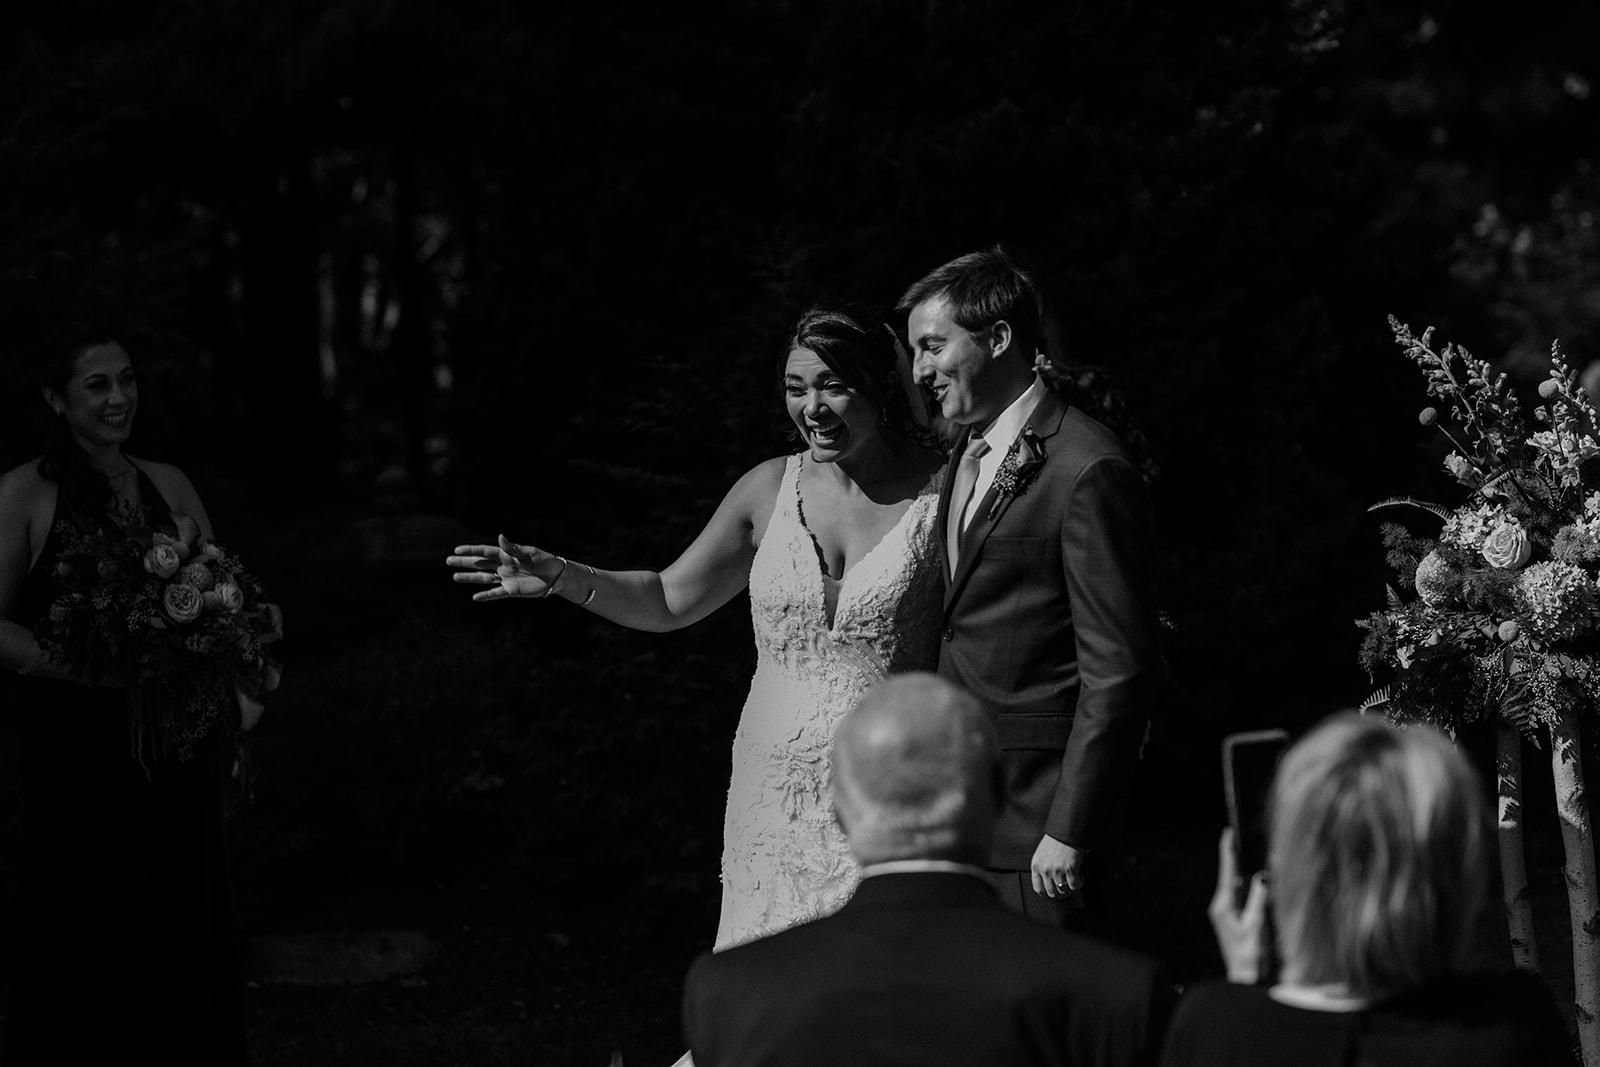 cleveland botanical garden wedding - chris + katie 109